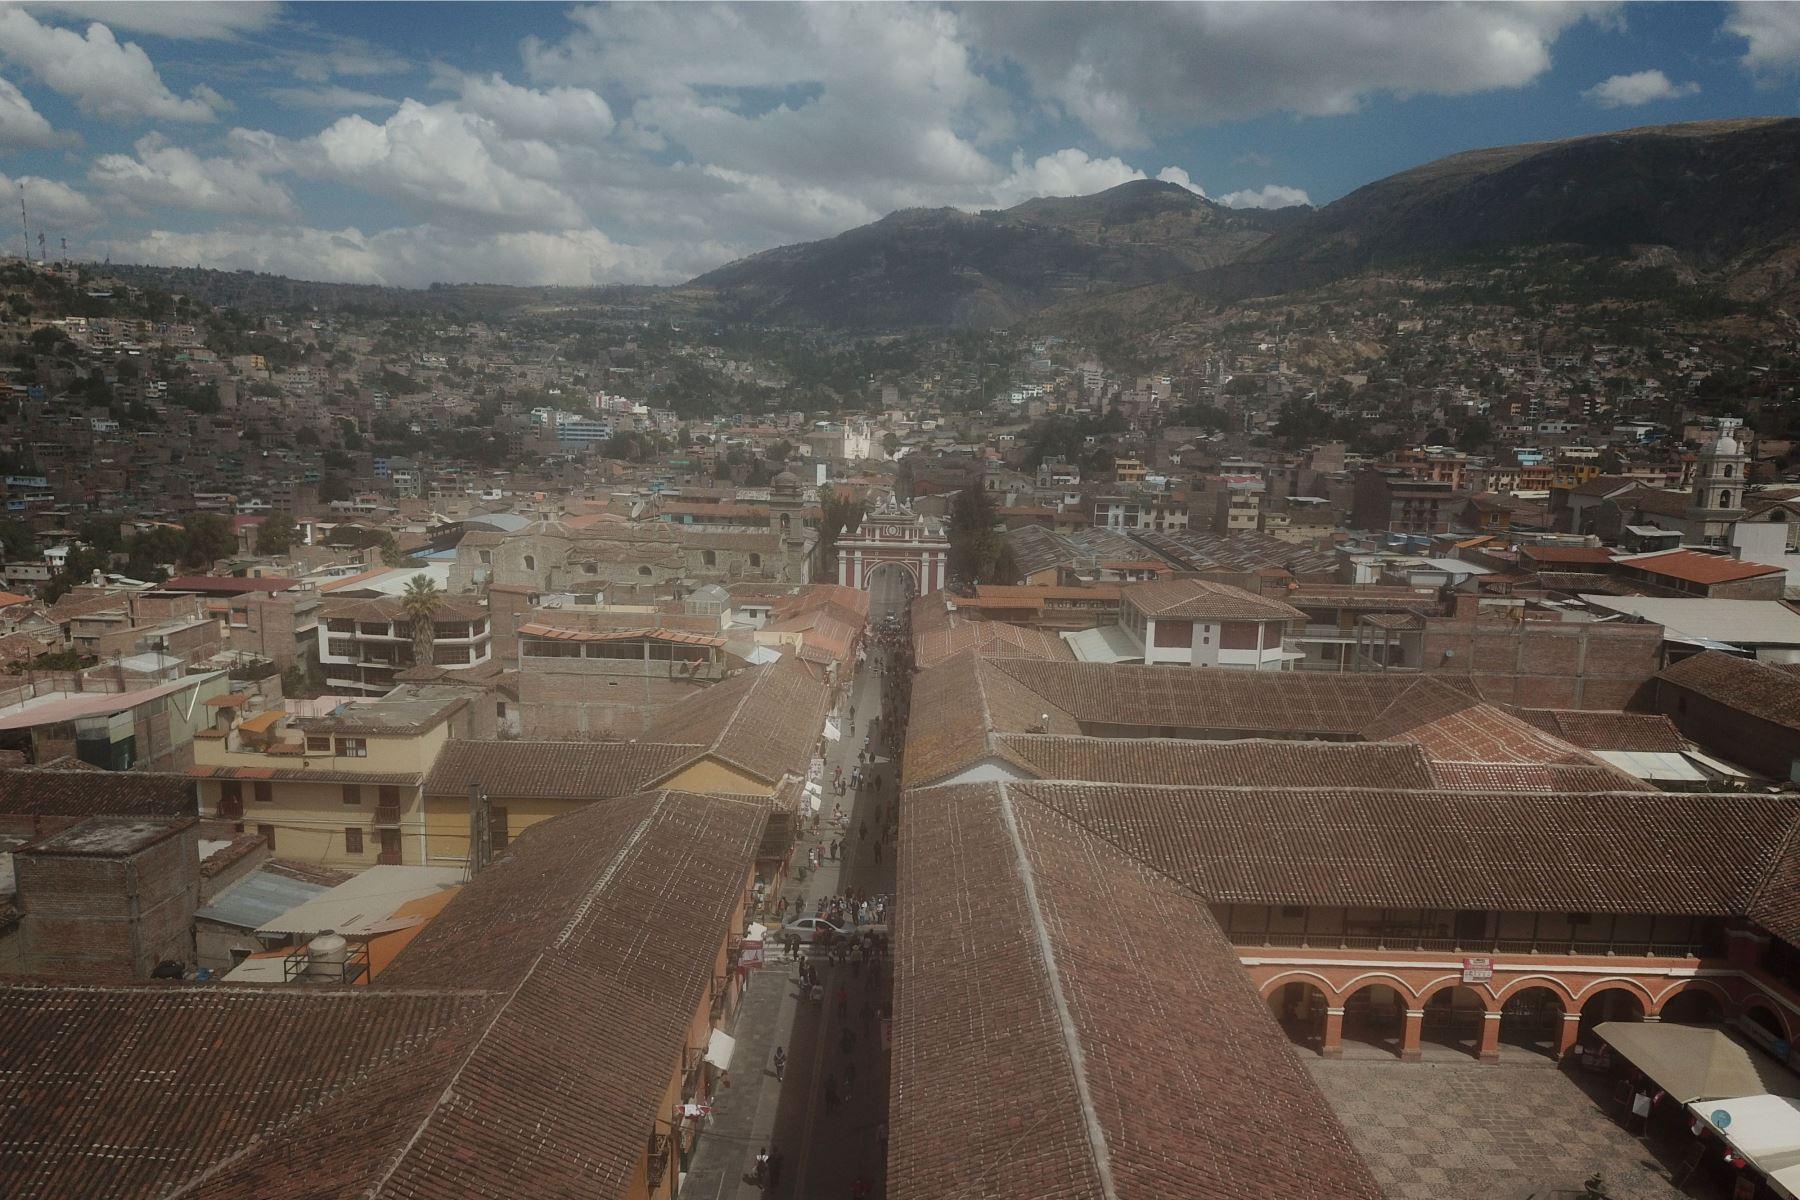 Imágenes de la Plaza de Armas de Huamanga , Ayacucho, donde llegará el  presidente Pedro Castillo para participar de acto simbólico de juramentación. Foto: ANDINA/ Juan Carlos Guzmán